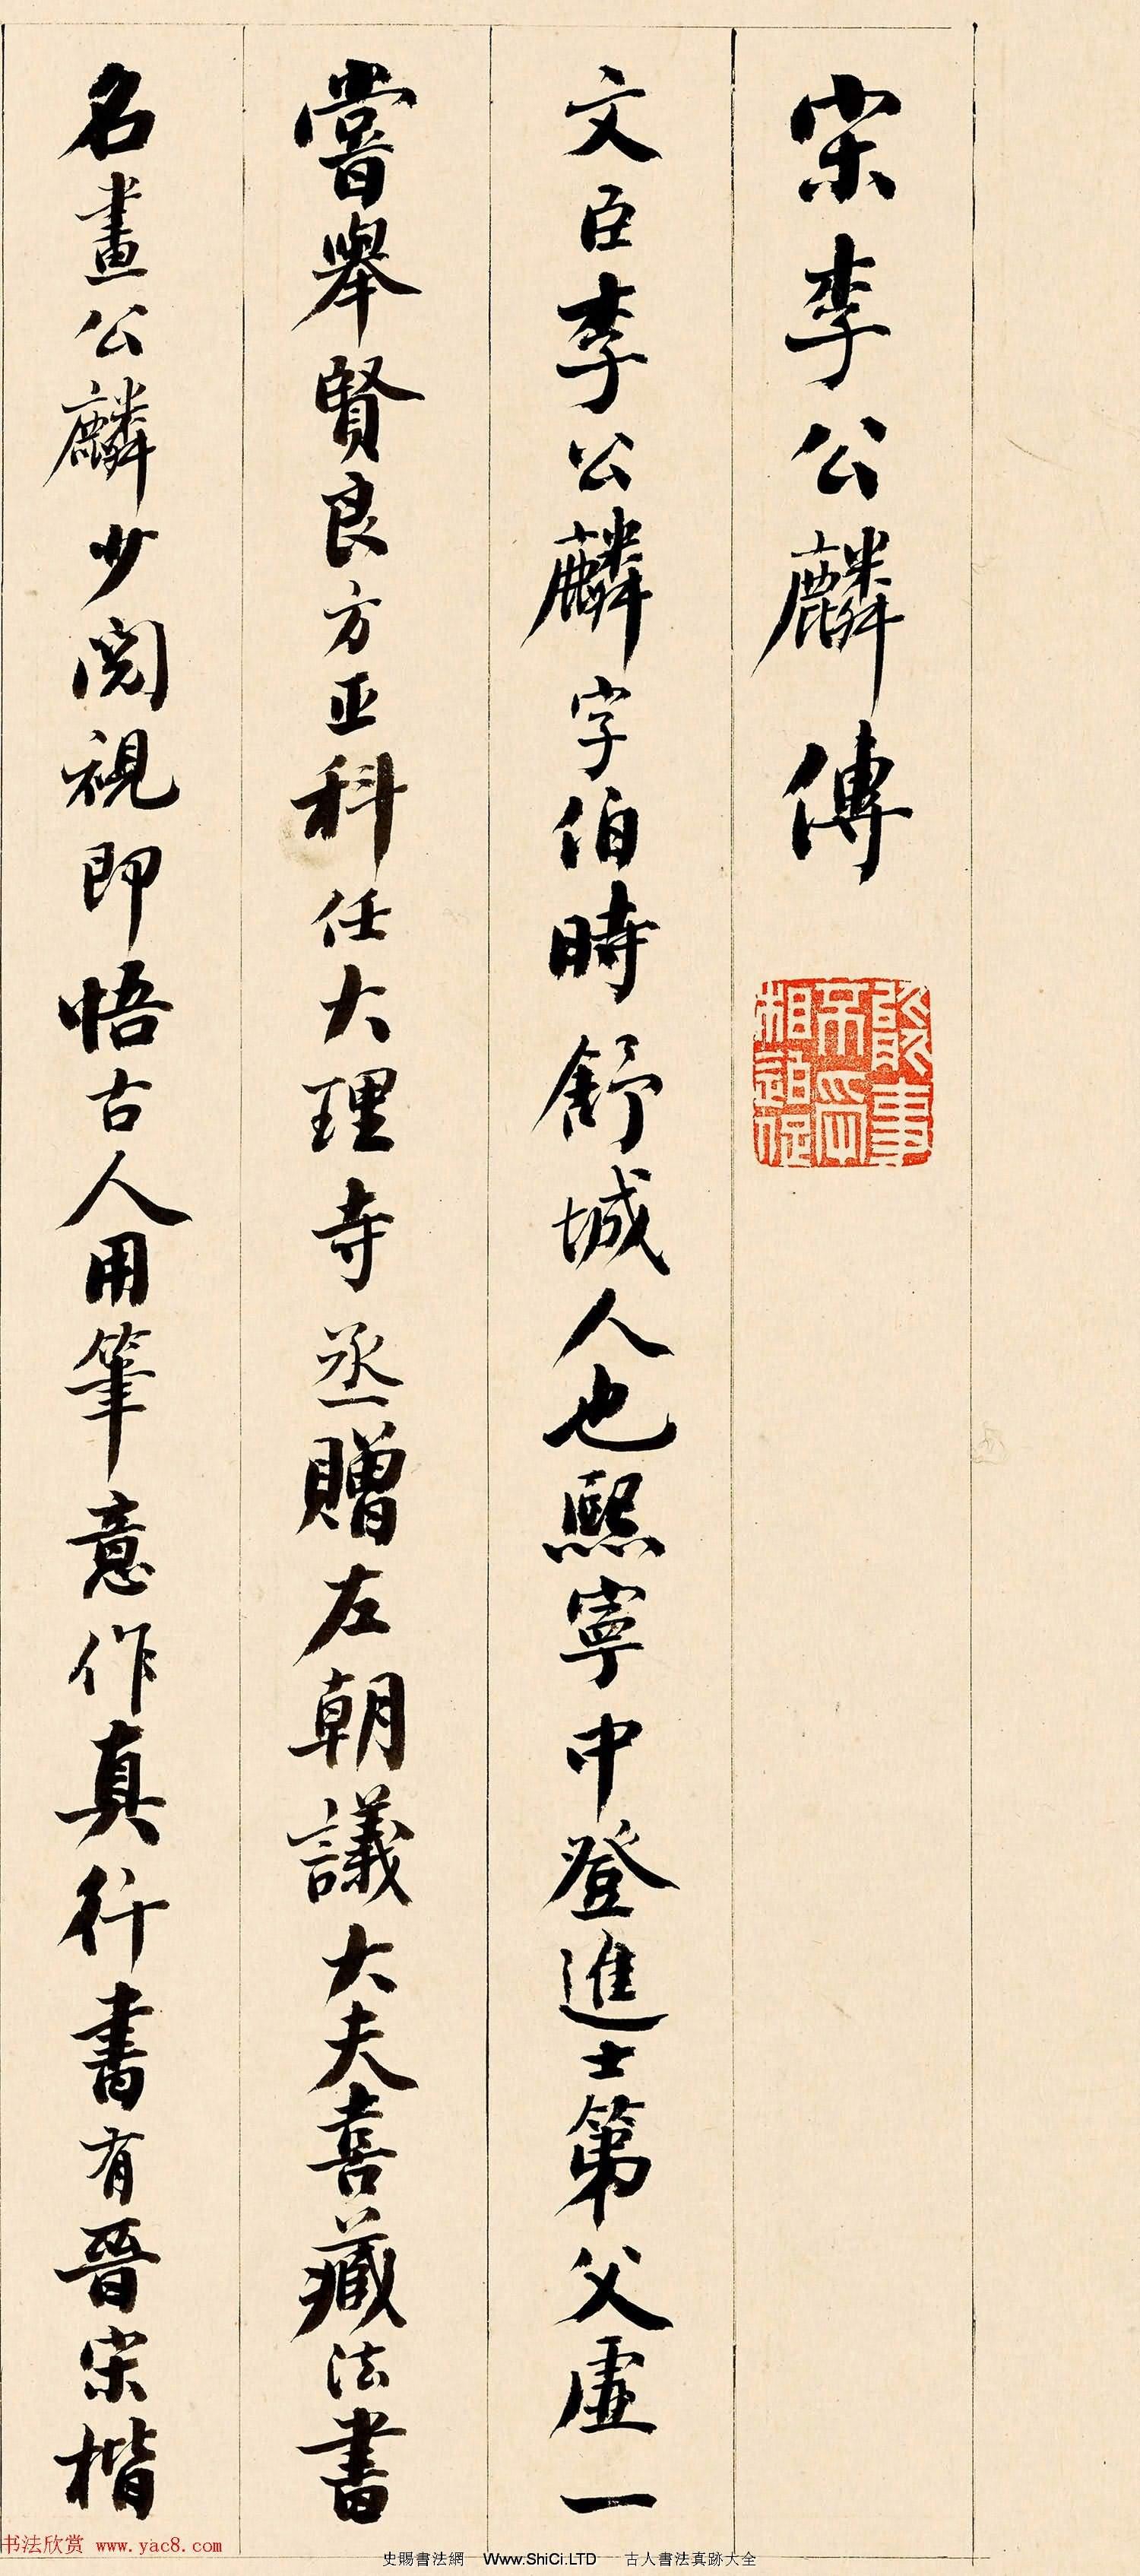 清代黃鉞行書作品真跡欣賞《宋李公麟傳》高清本(共10張圖片)